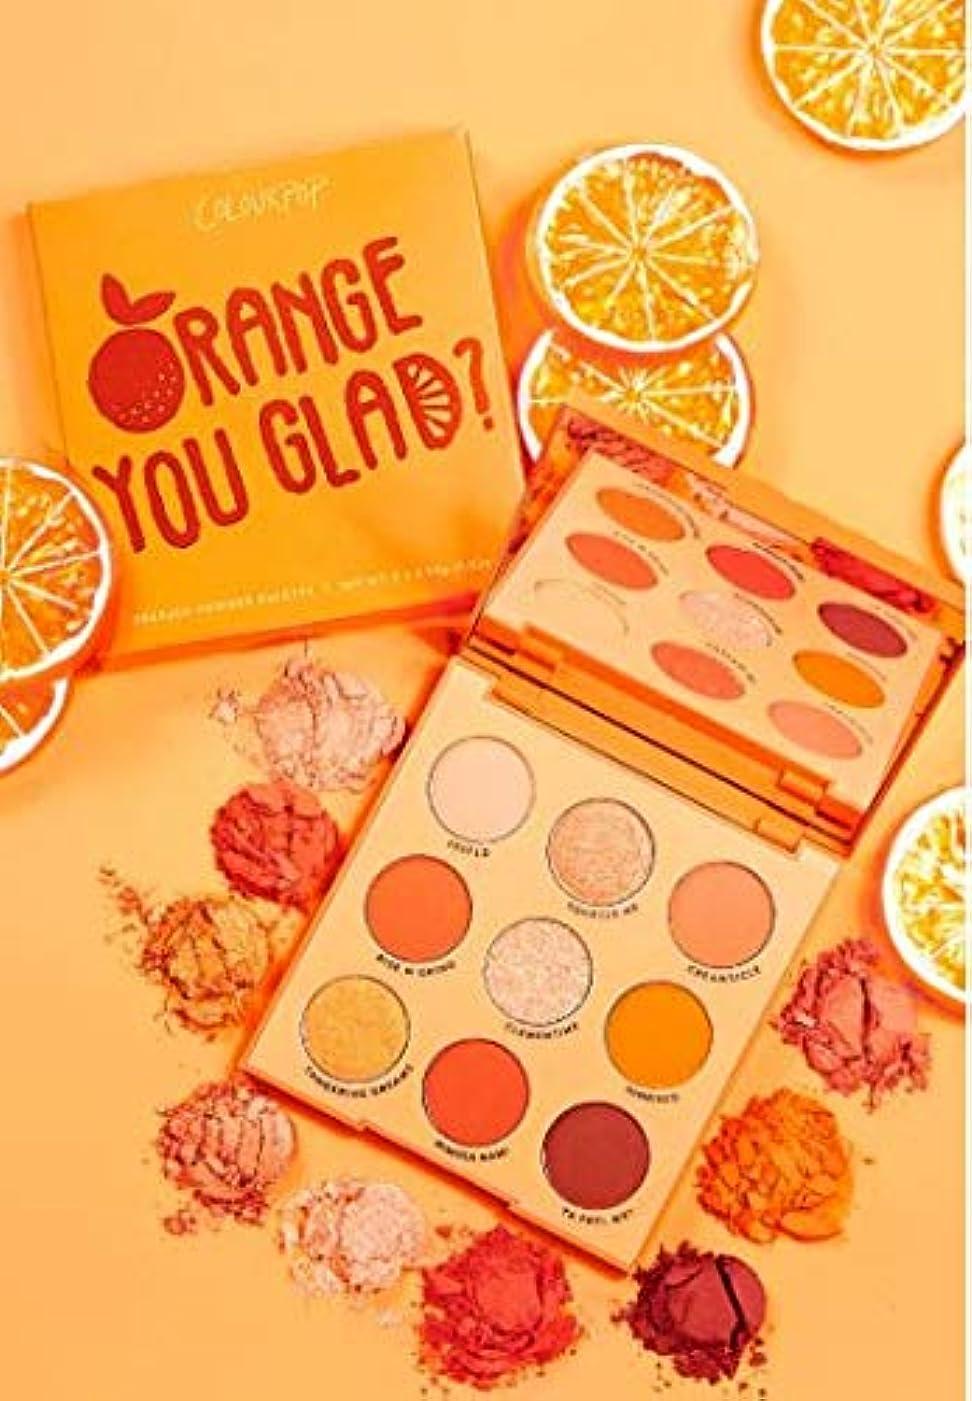 小さな弾薬指紋カラーポップ (ColourPop) ORANGE YOU GLAD オレンジアイシャドウパレット